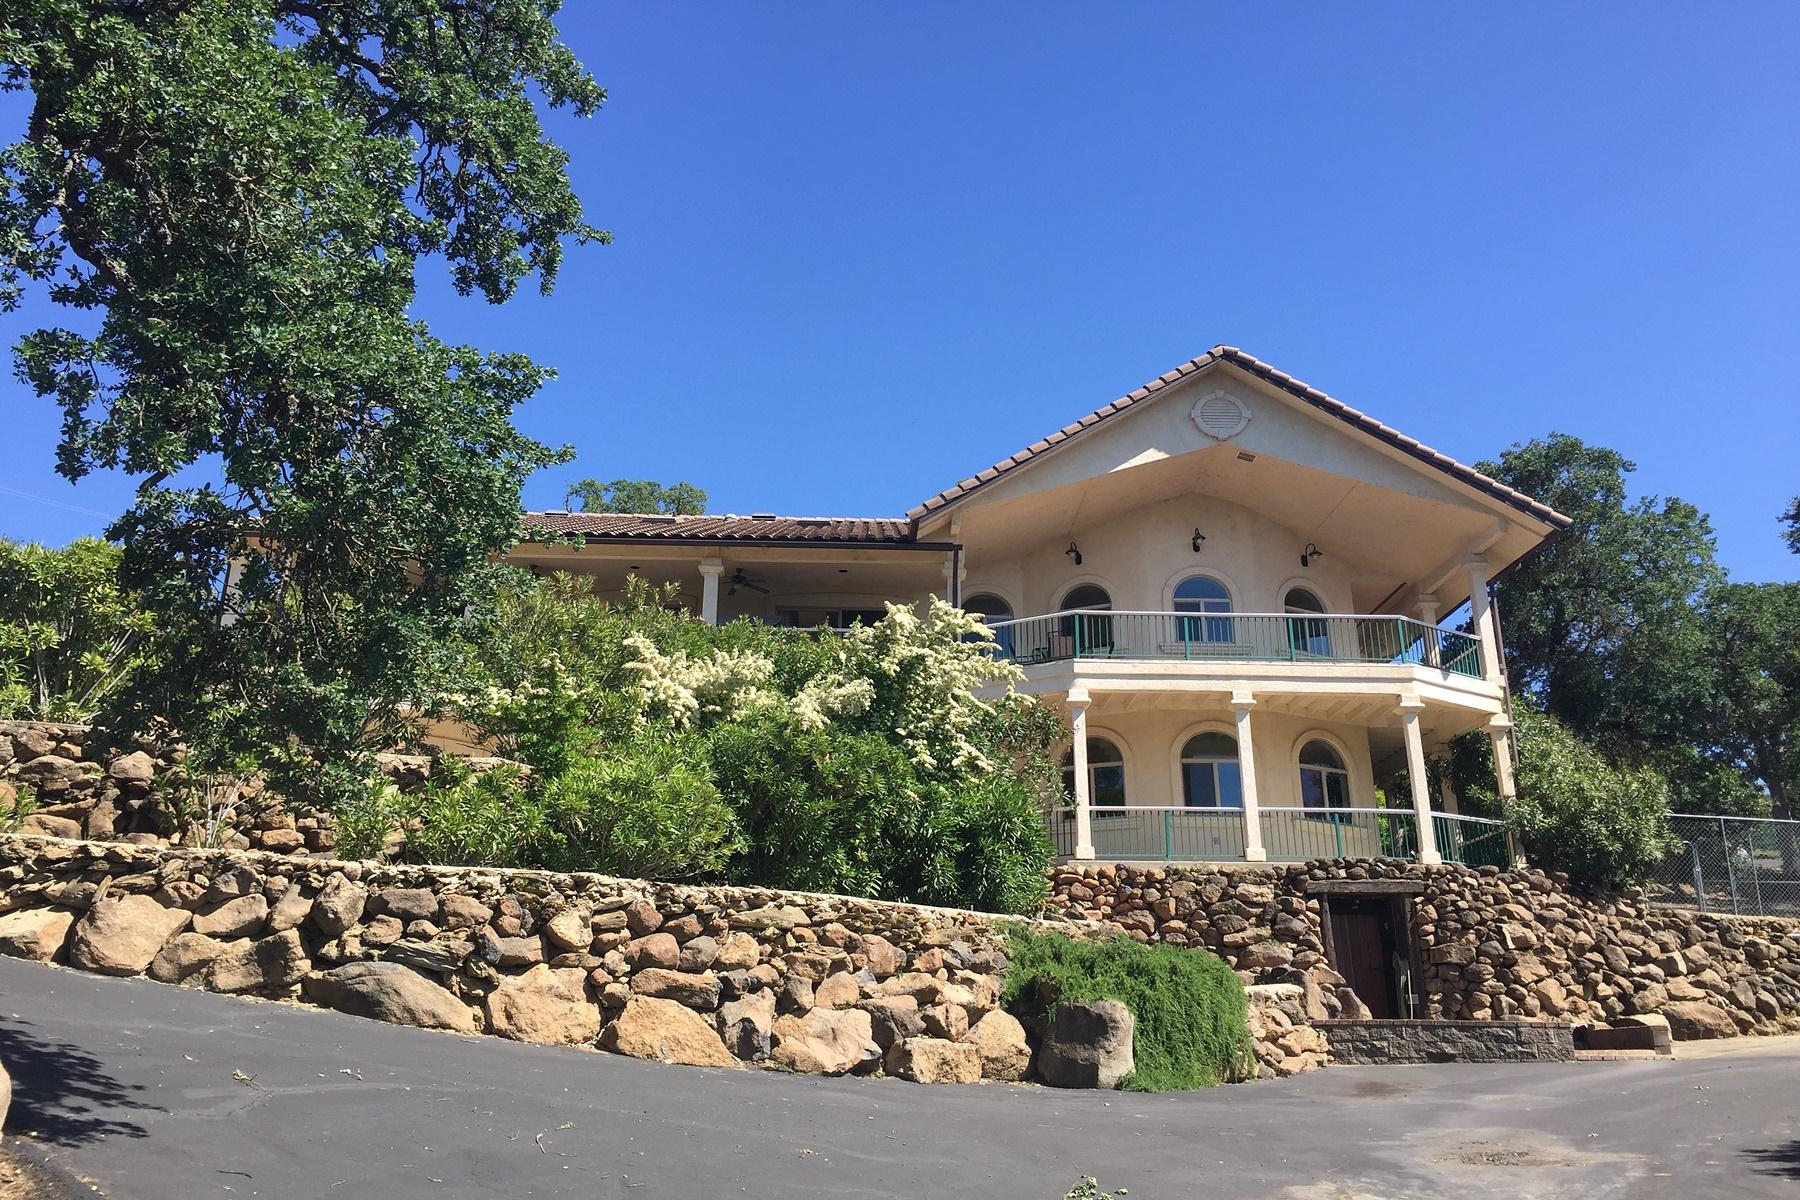 一戸建て のために 売買 アット Lake Tulloch Traditional 14550 Lakefront Drive Jamestown, カリフォルニア 95327 アメリカ合衆国